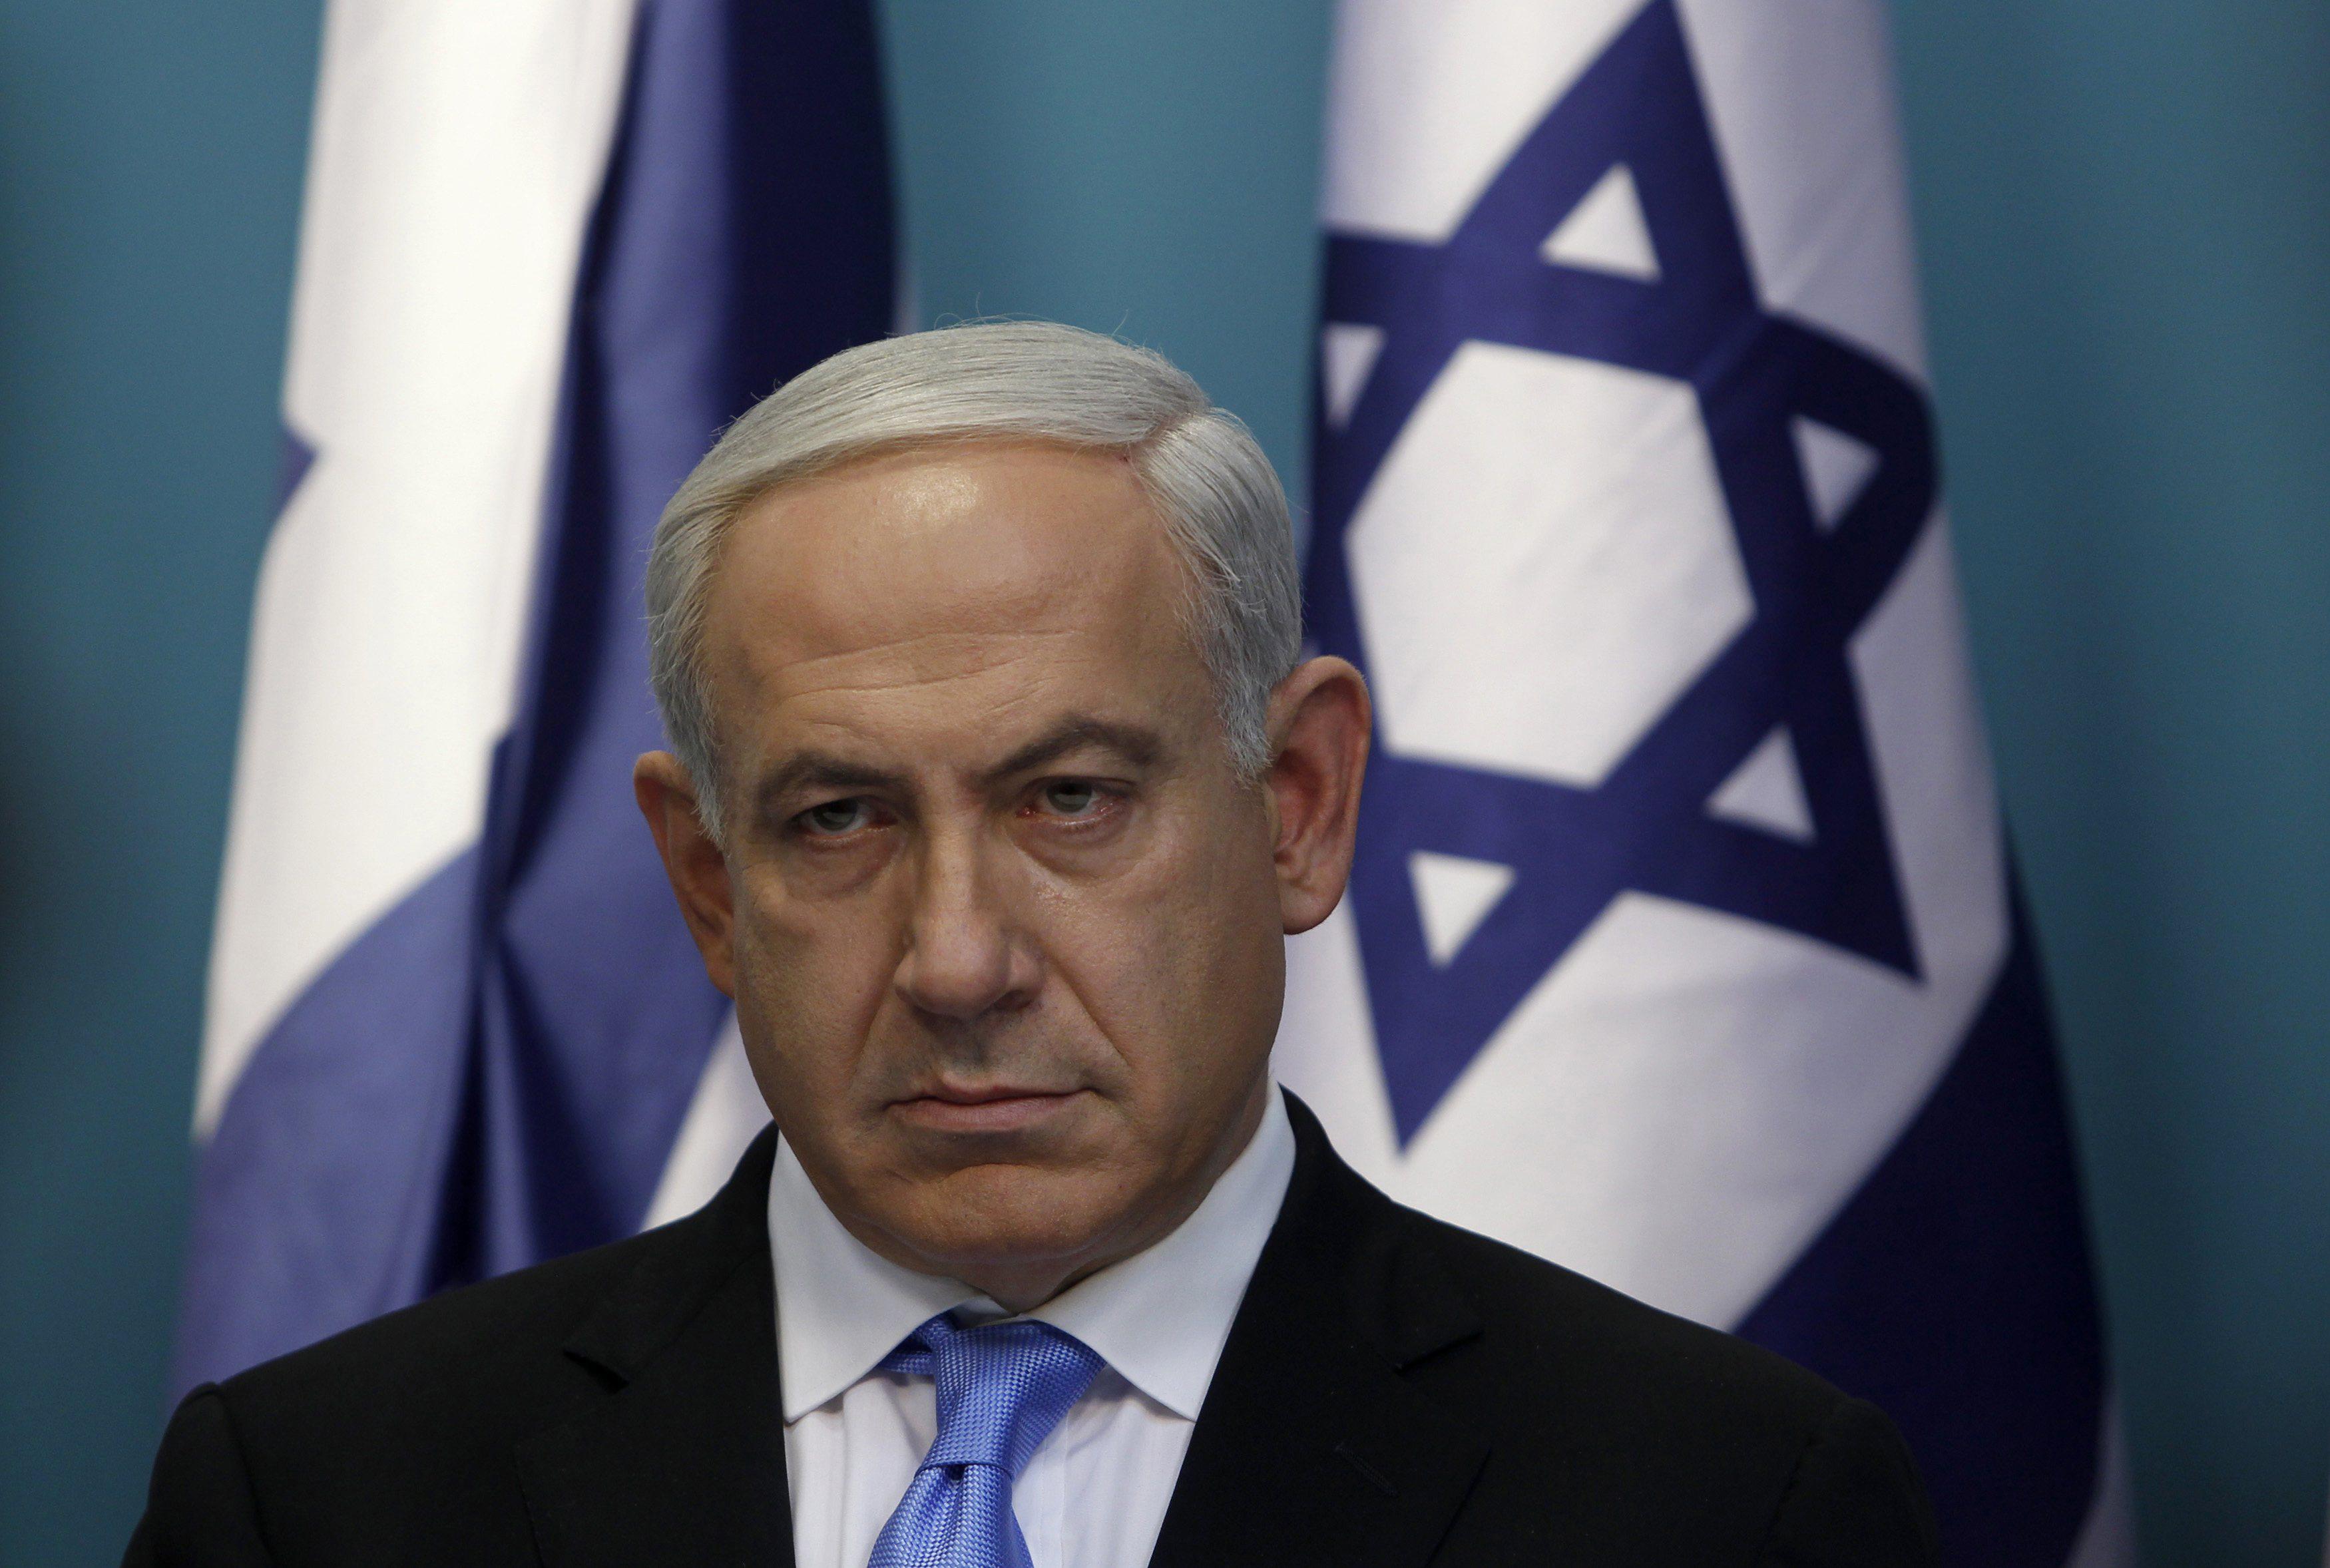 نتانياهو يرسل تحذيرات من ضربات جوية تستهدف ايران مباشرة